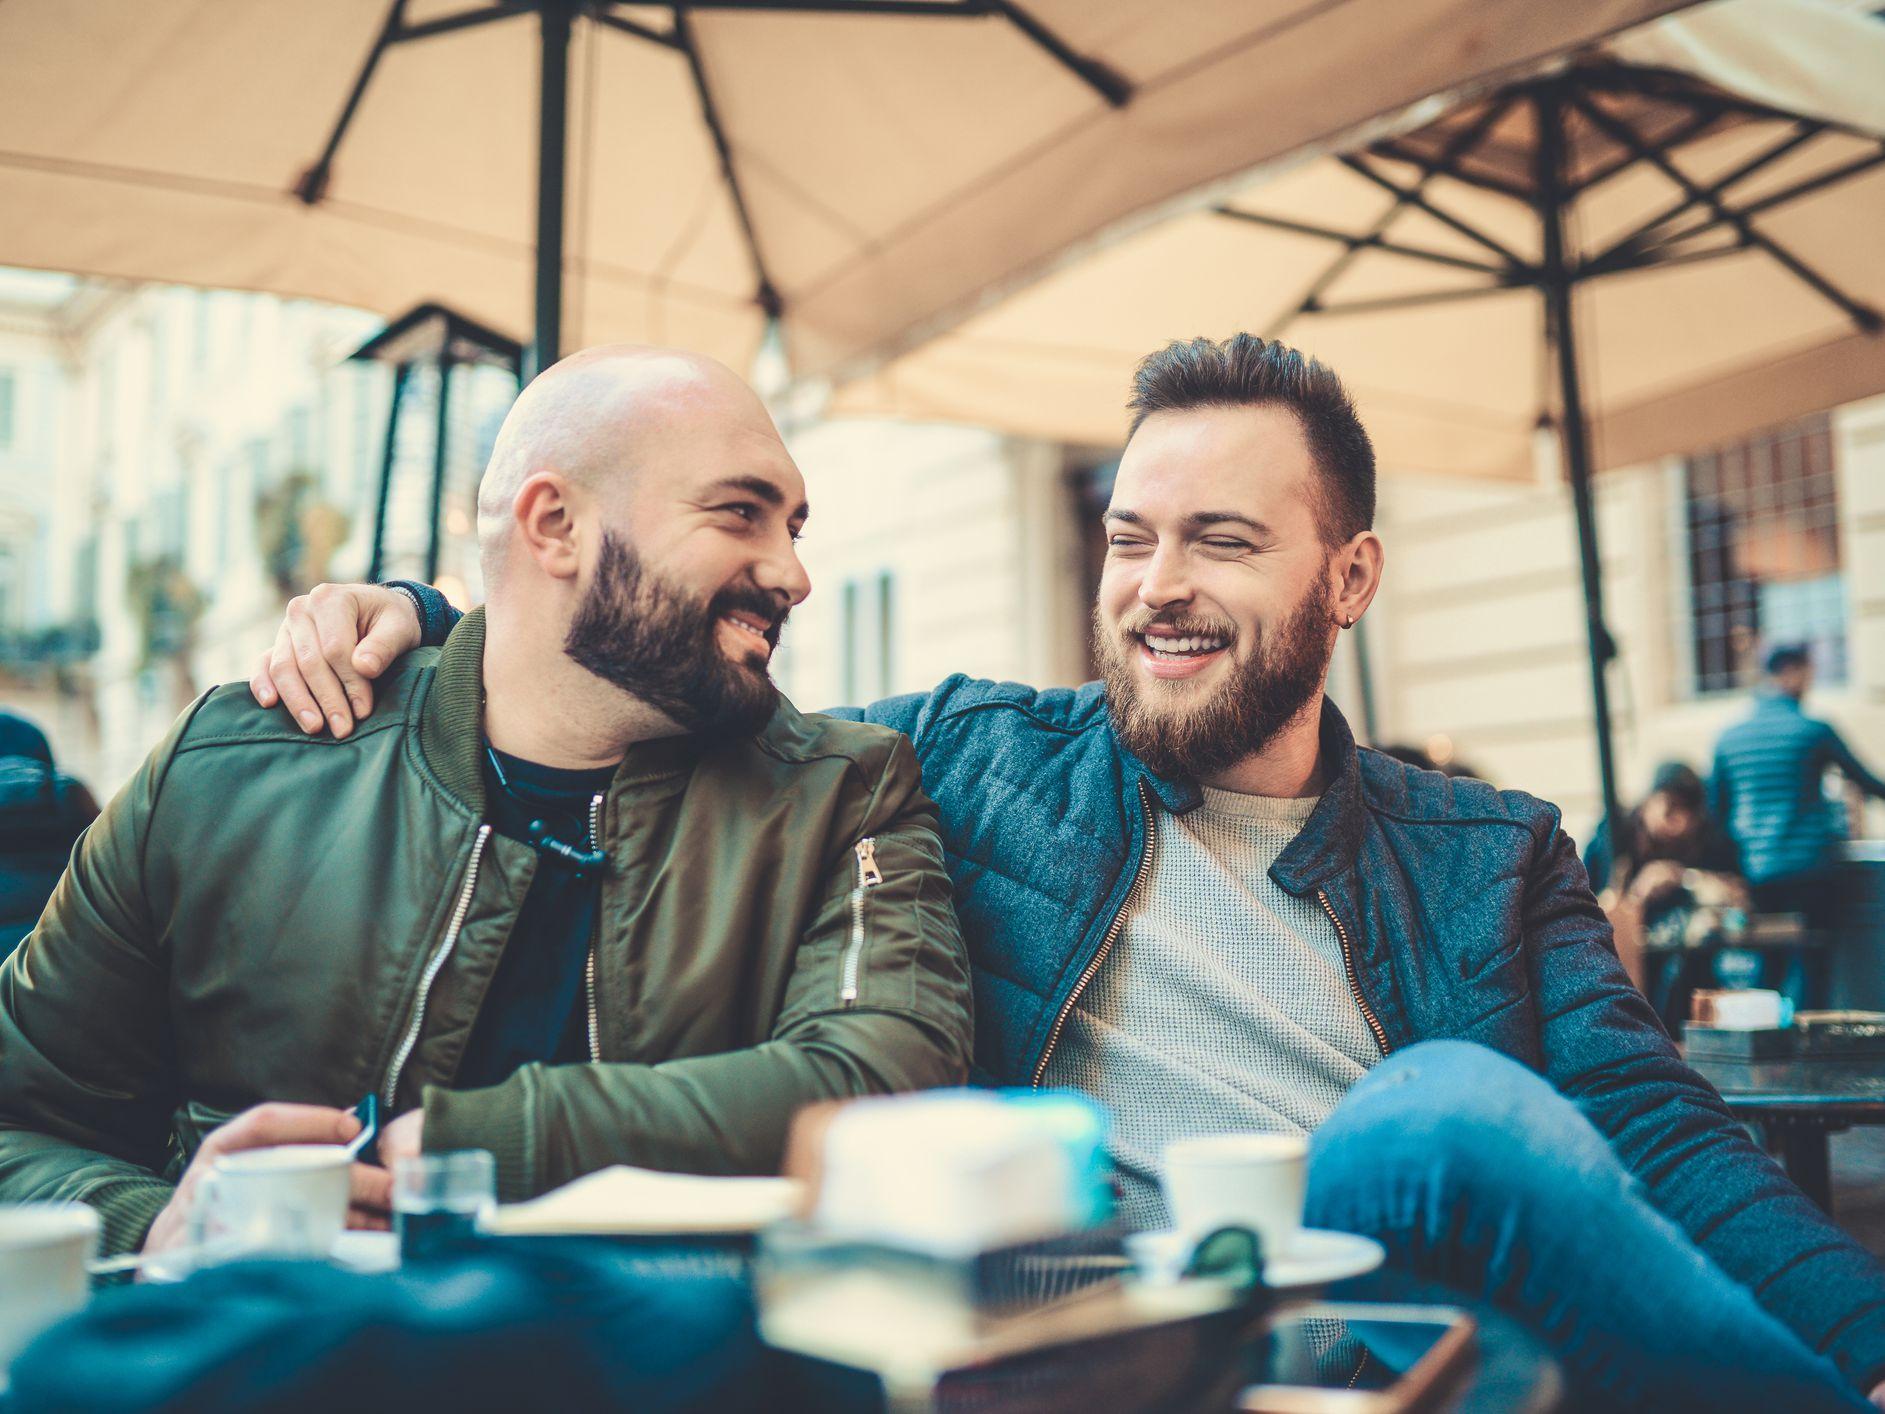 6 روش ساده برای حفظ دوستی بعد از ازدواج